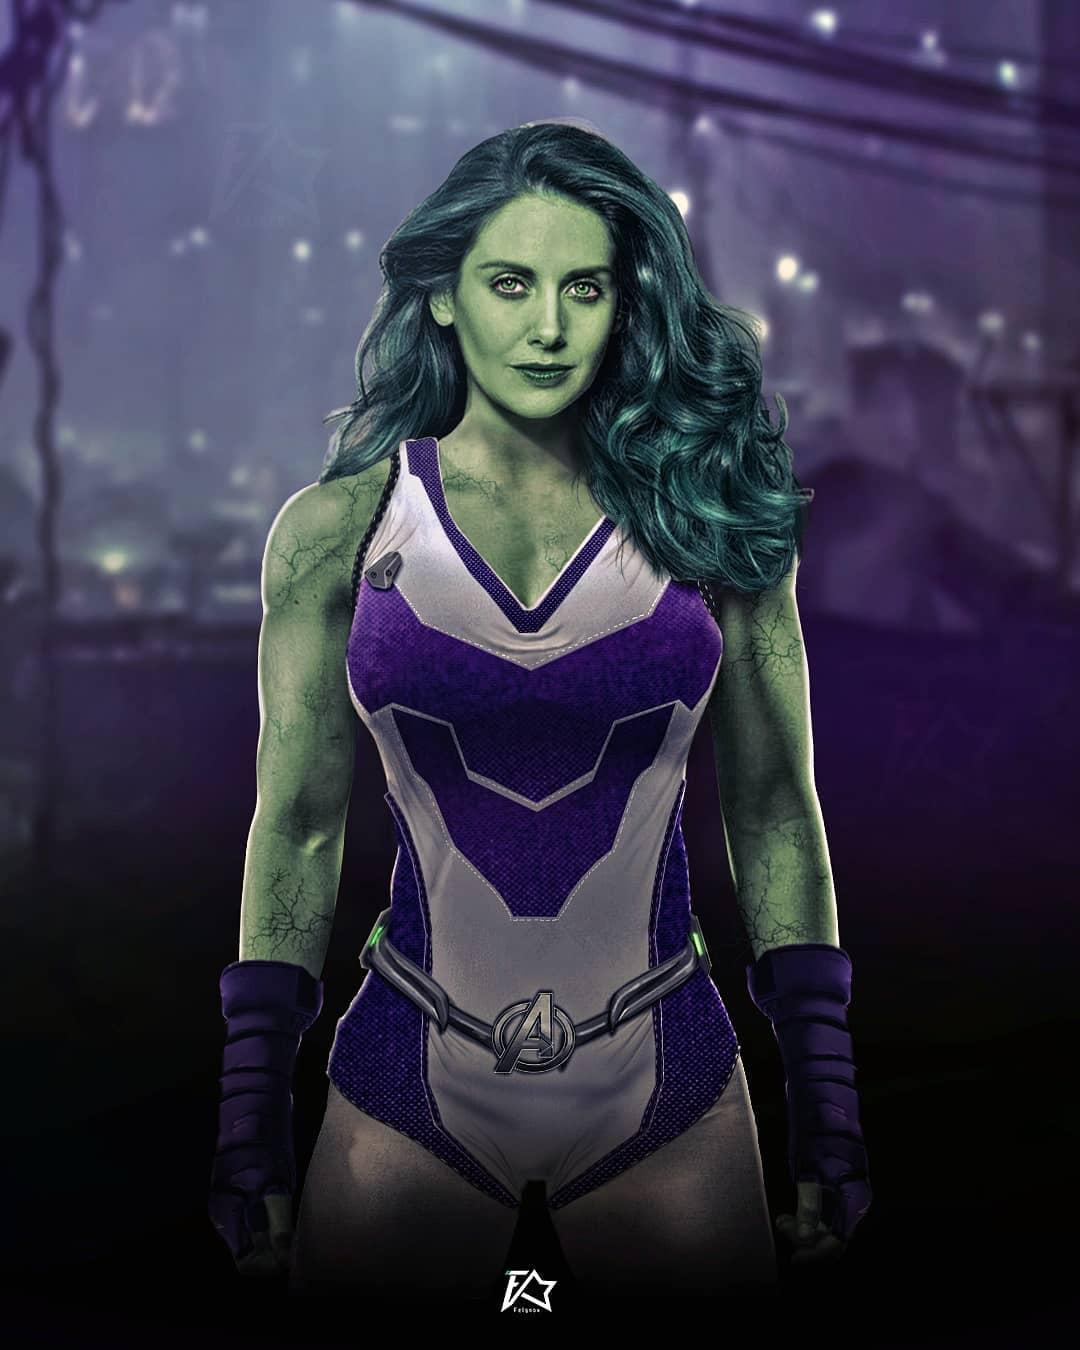 She-Hulk Alison Brie Fan art